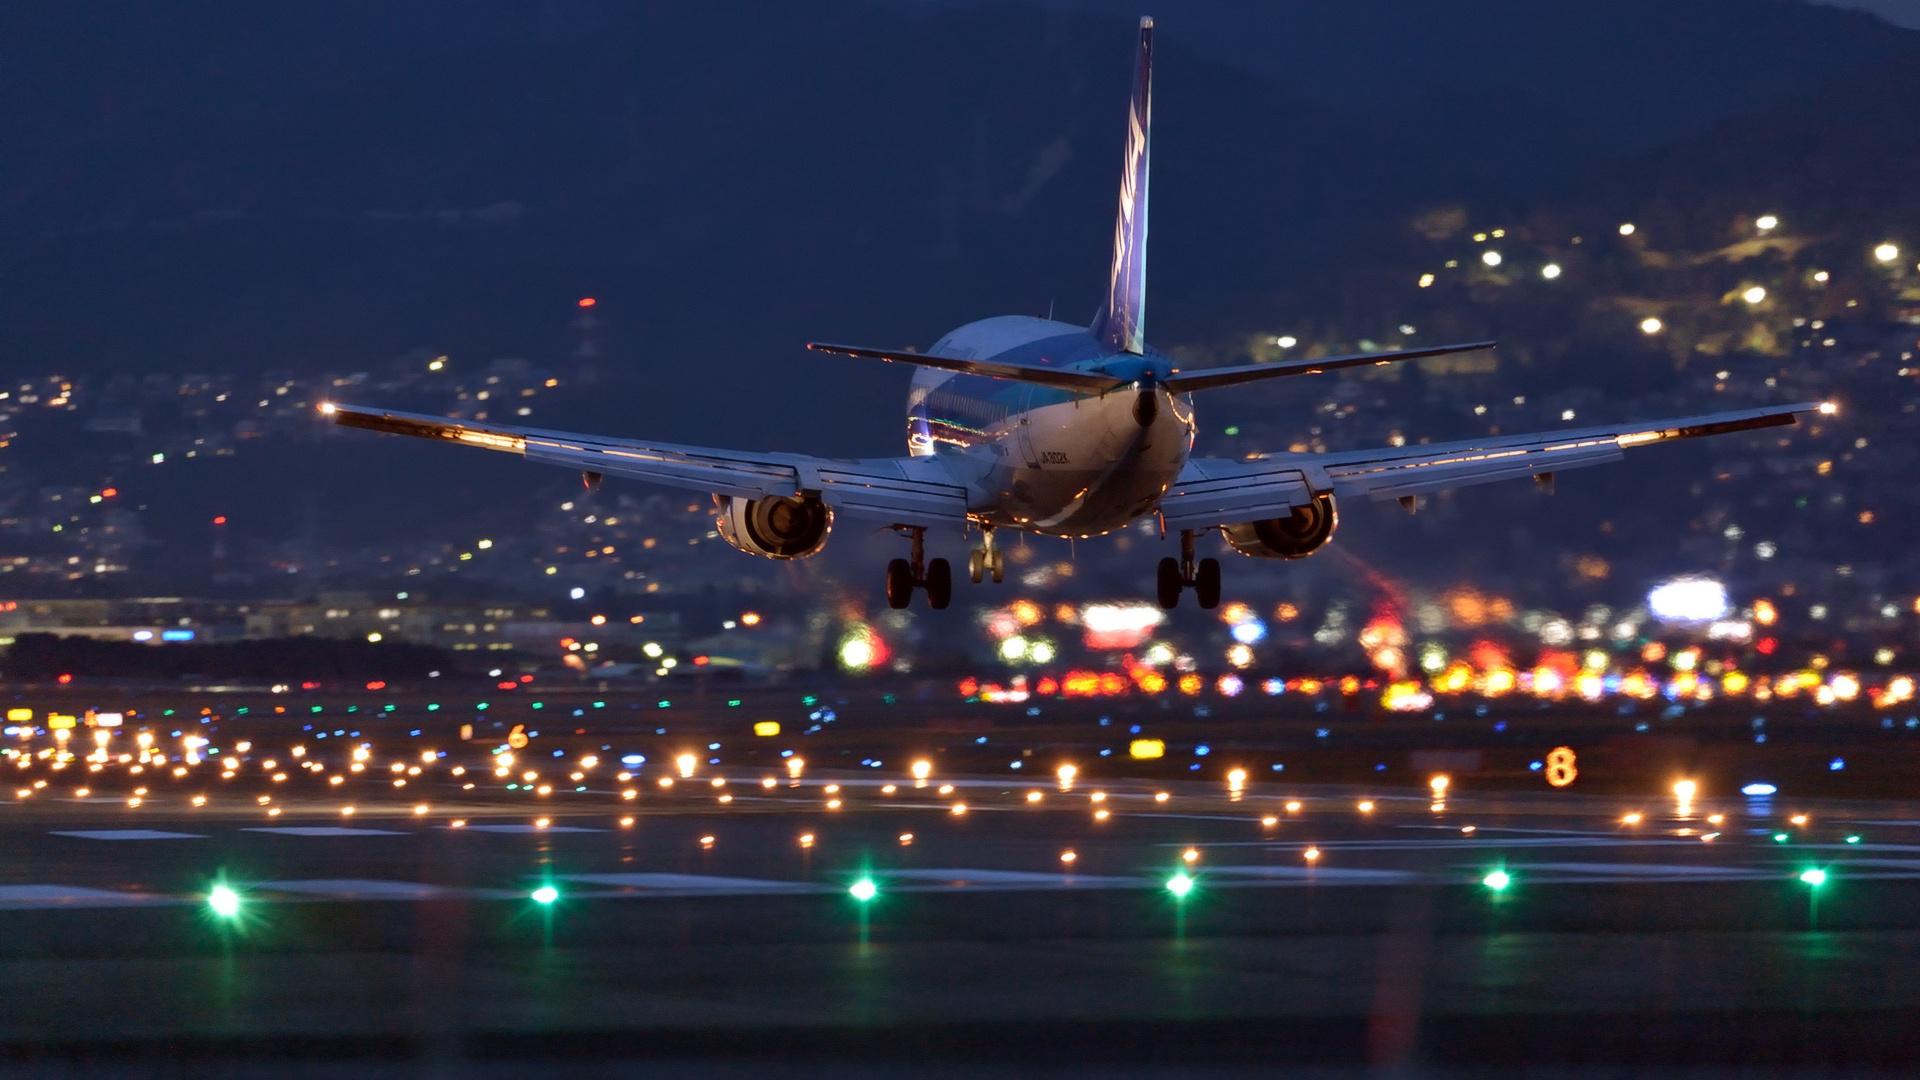 картинки самолет ночь потренироваться